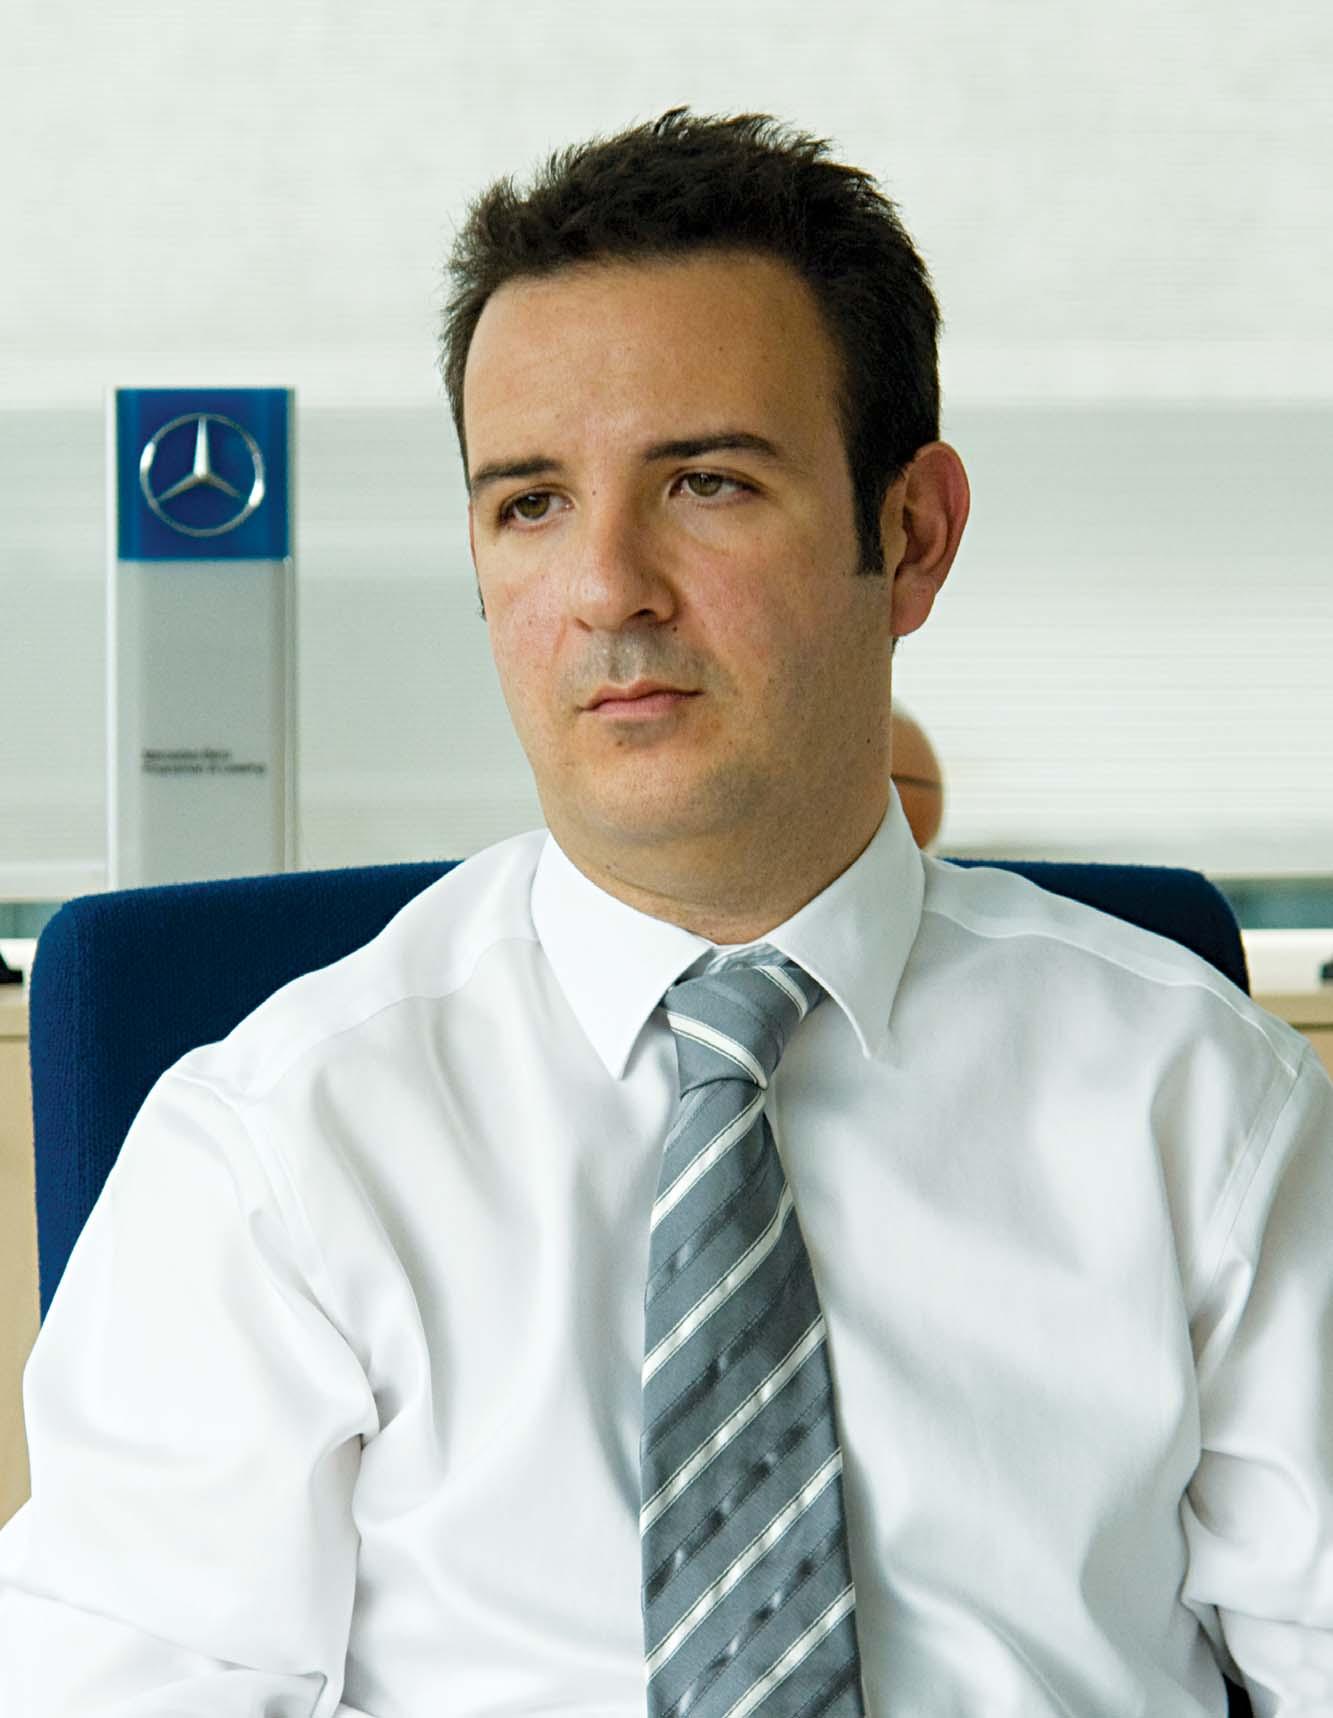 Koluman Motorlu Araçlar Tic. A.Ş. Otomobil Satış Müdürü K. Altuğ Erciş